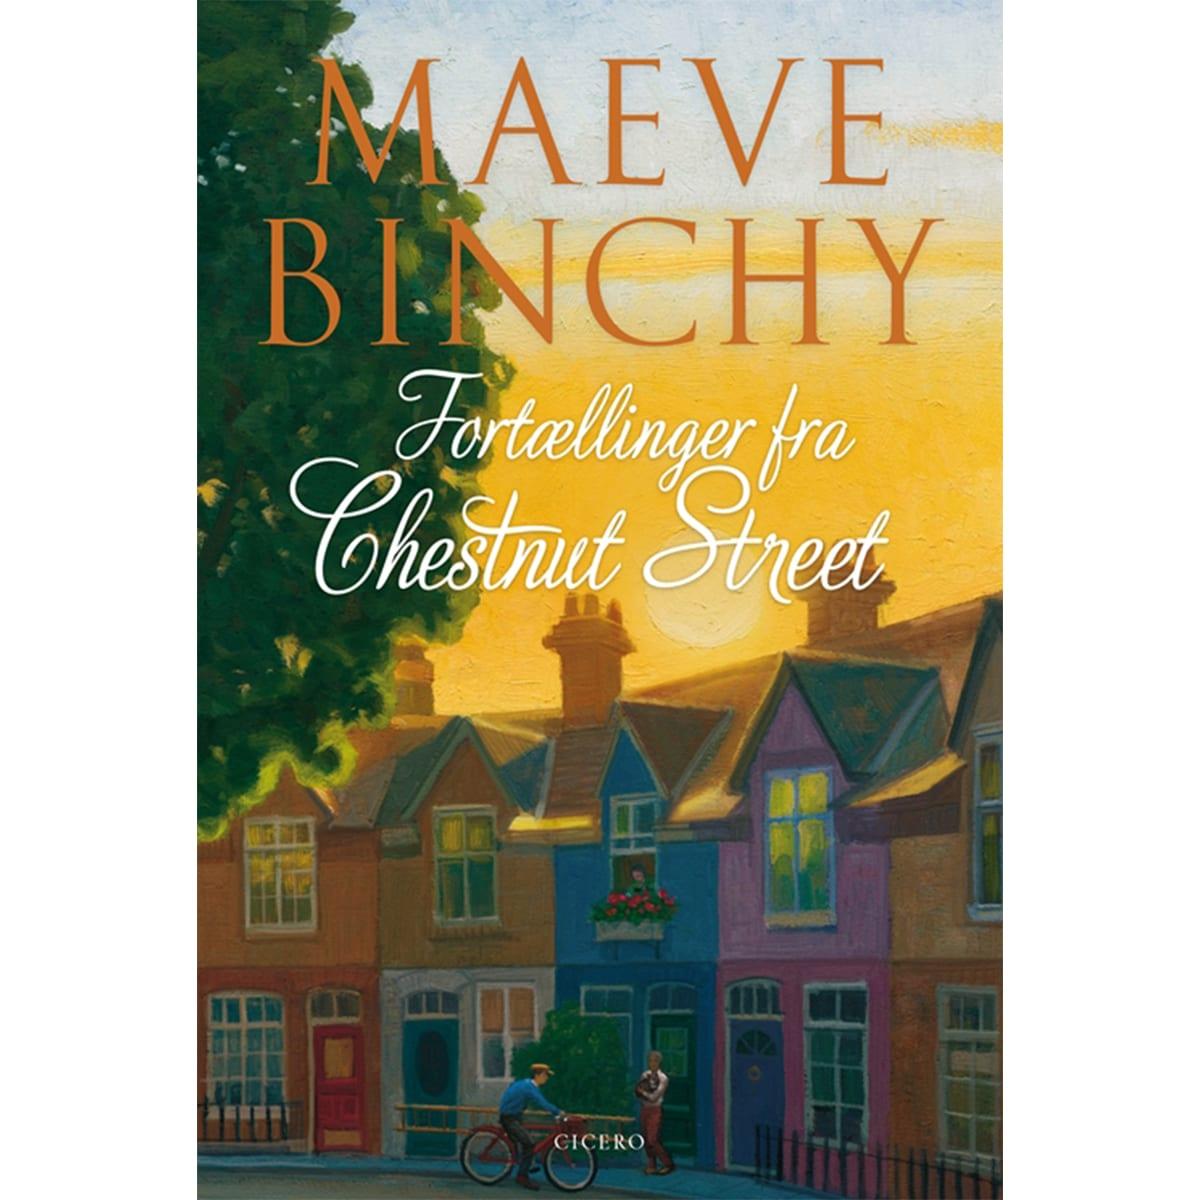 Af Maeve Binchy